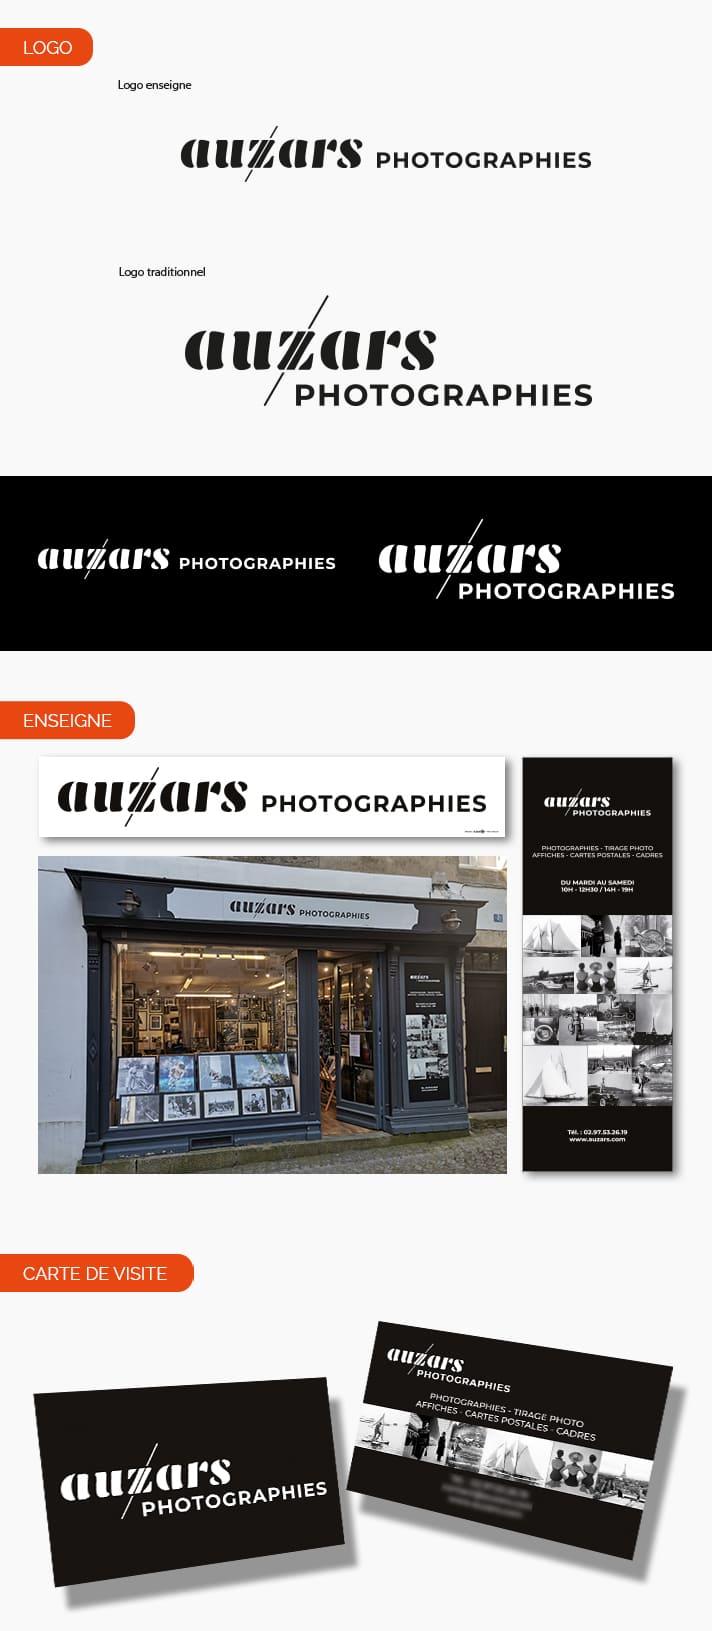 Aperçu logo et enseigne pour Auzars Photographies à Vannes